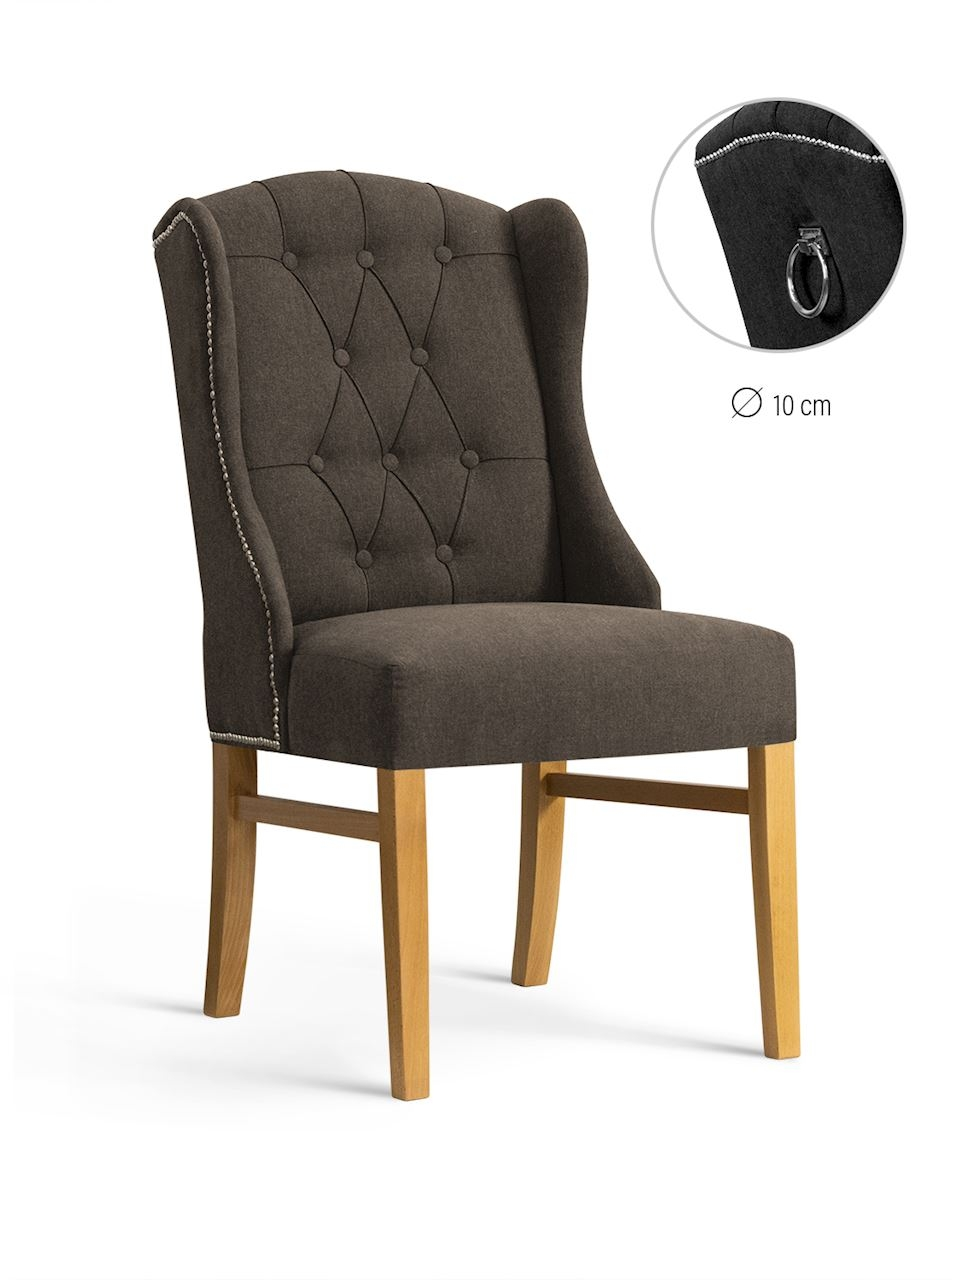 Scaun tapitat cu stofa, cu picioare din lemn Royal Brown / Oak, l55xA74xH105 cm